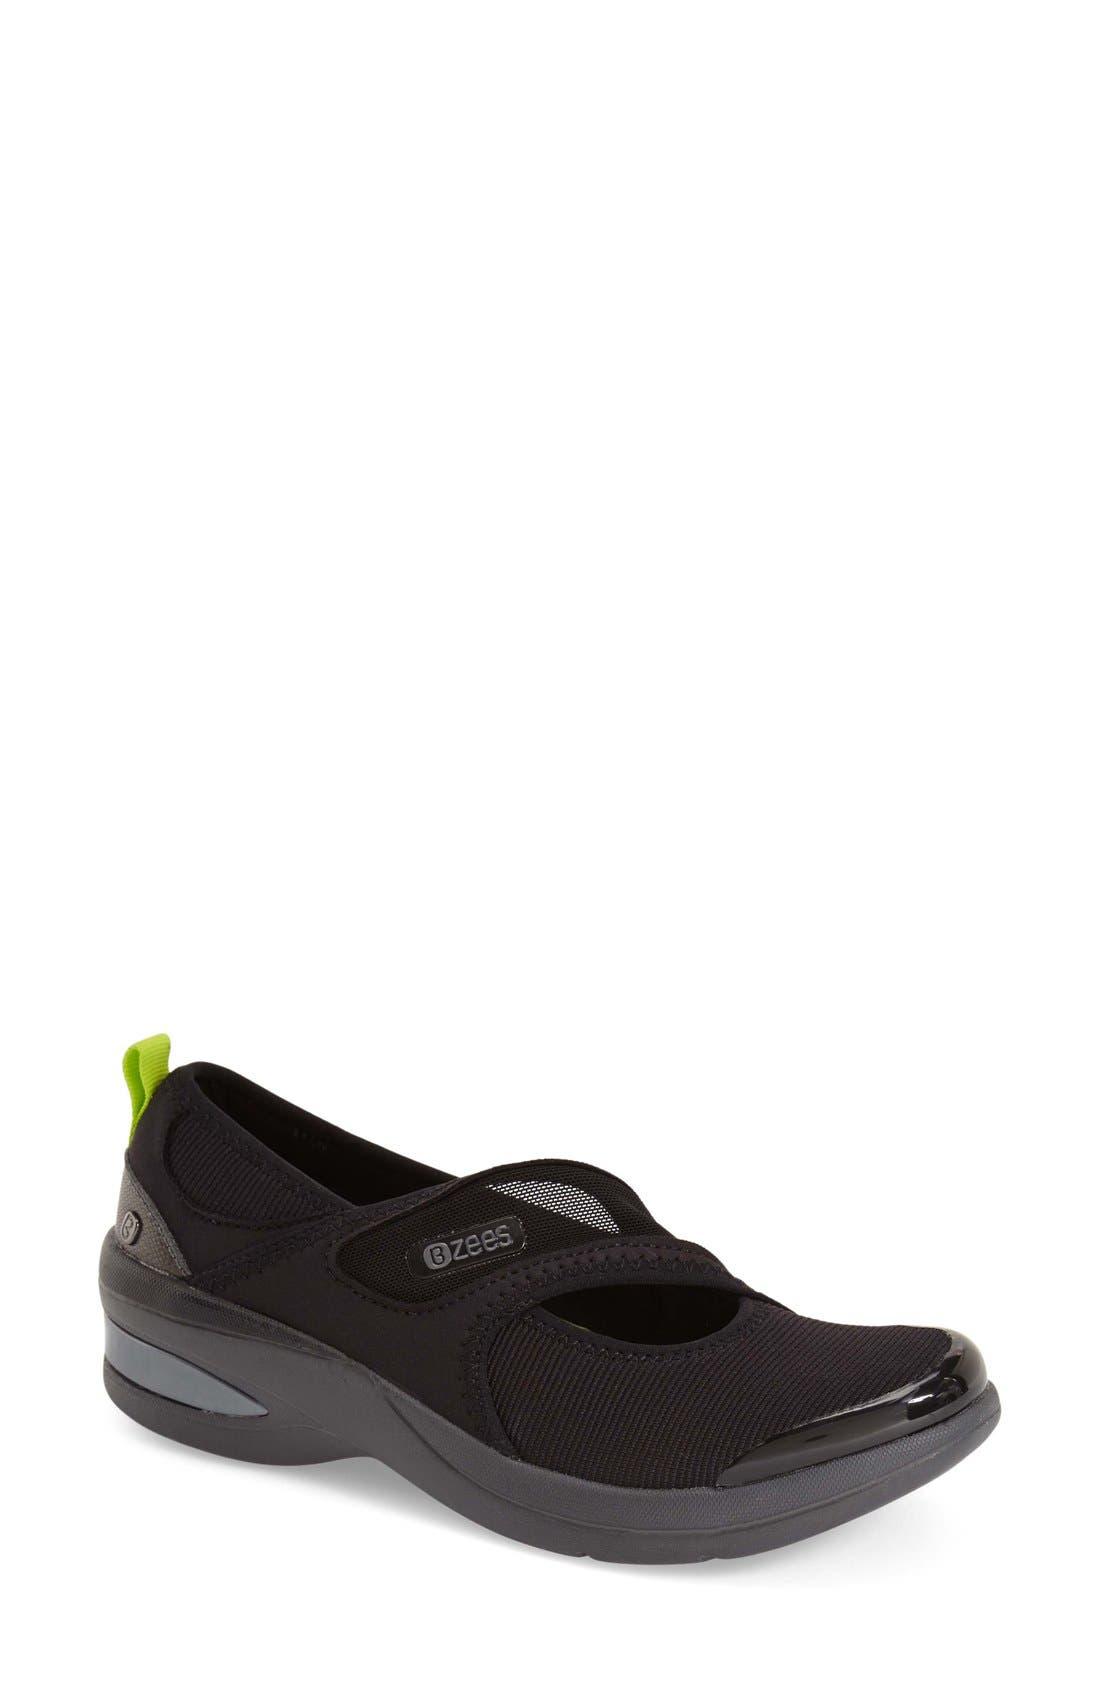 BZees 'Resolution' Mary Jane Sneaker (Women)